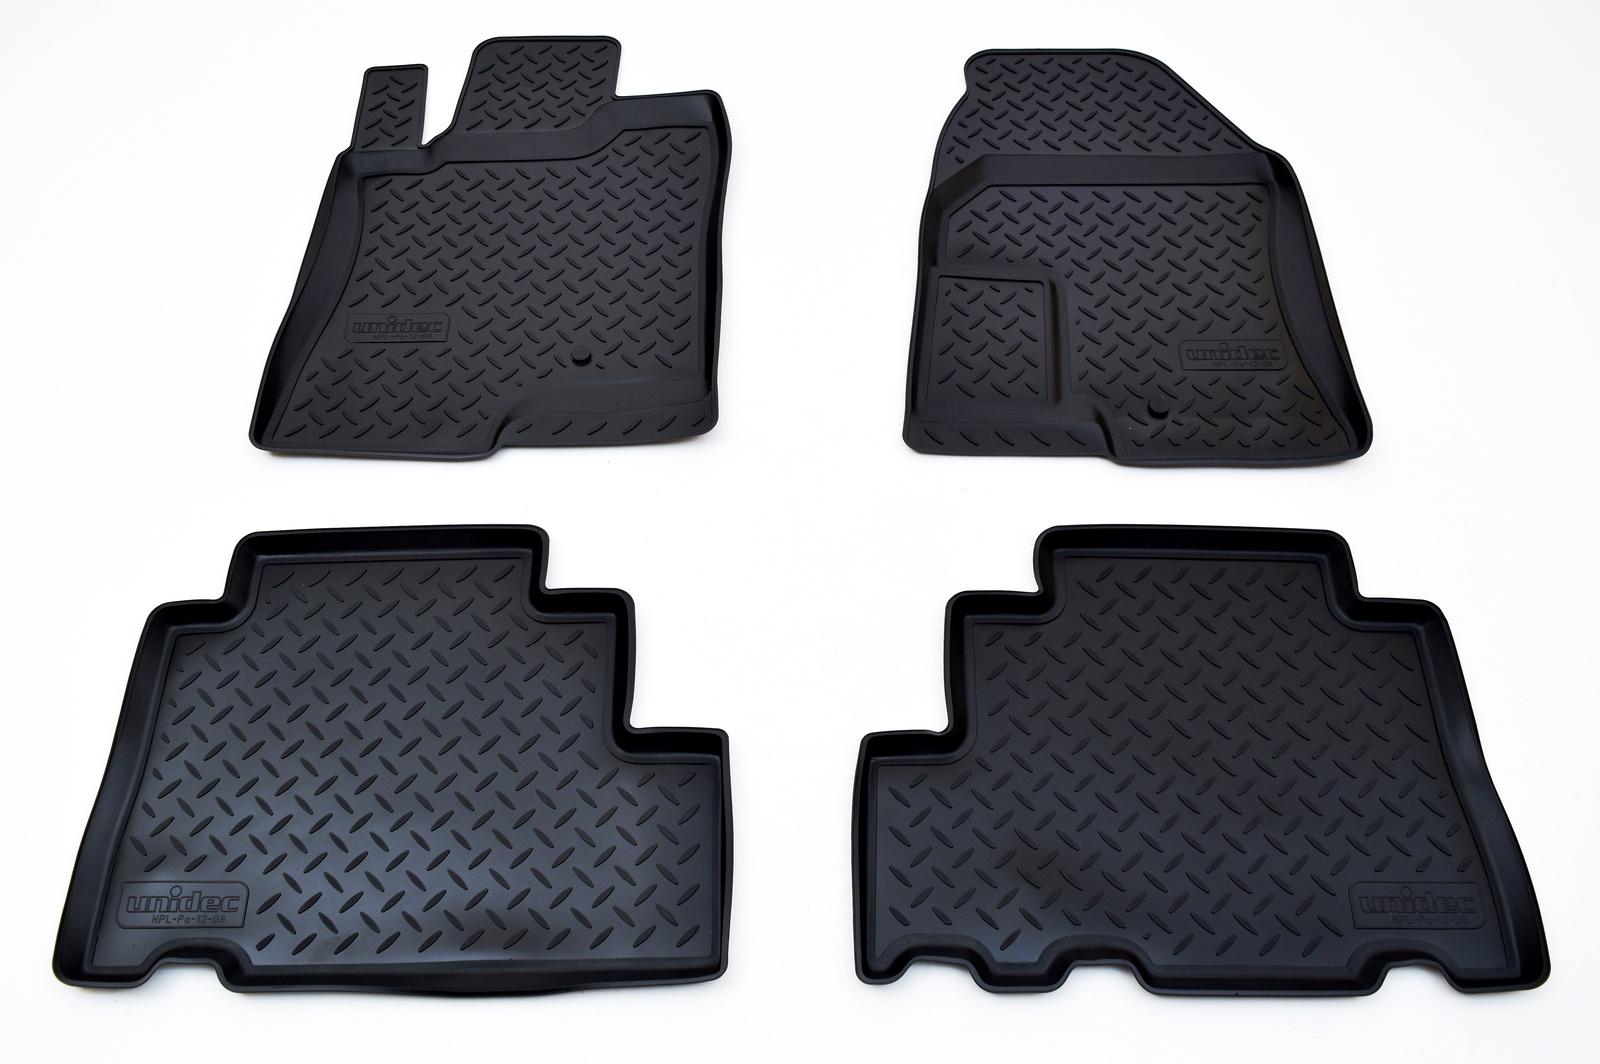 цена на Коврики салона Norplast для Chevrolet Captiva (2006-2012)\ Opel Antara (2007-2012), NPL-Po-12-08, черный